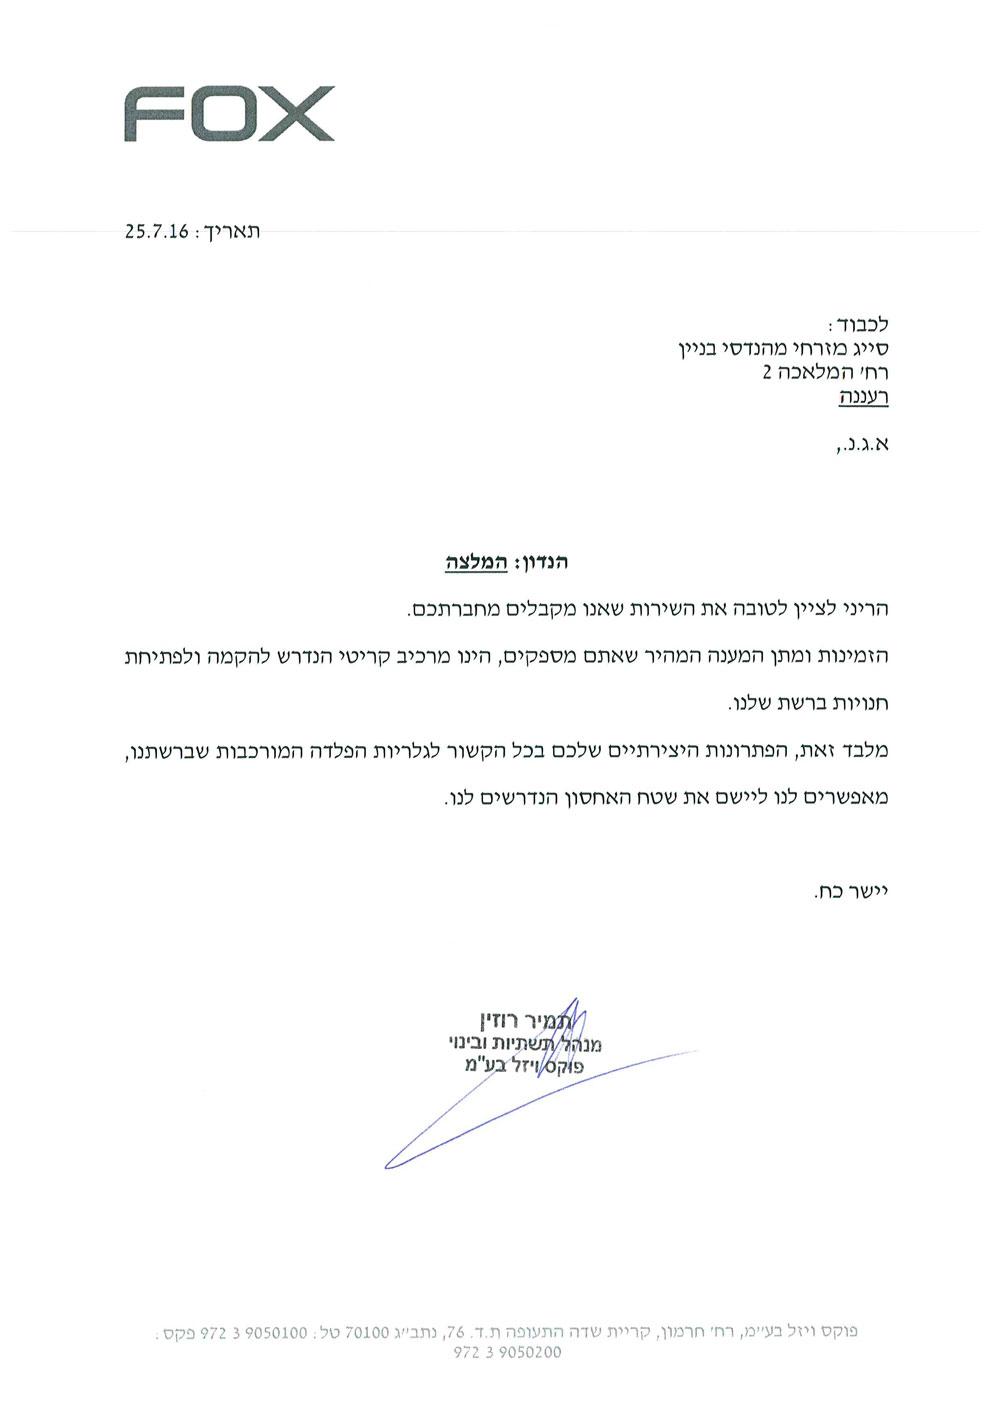 פוקס-ויזל מכתב המלצה לסייג מהנדסים